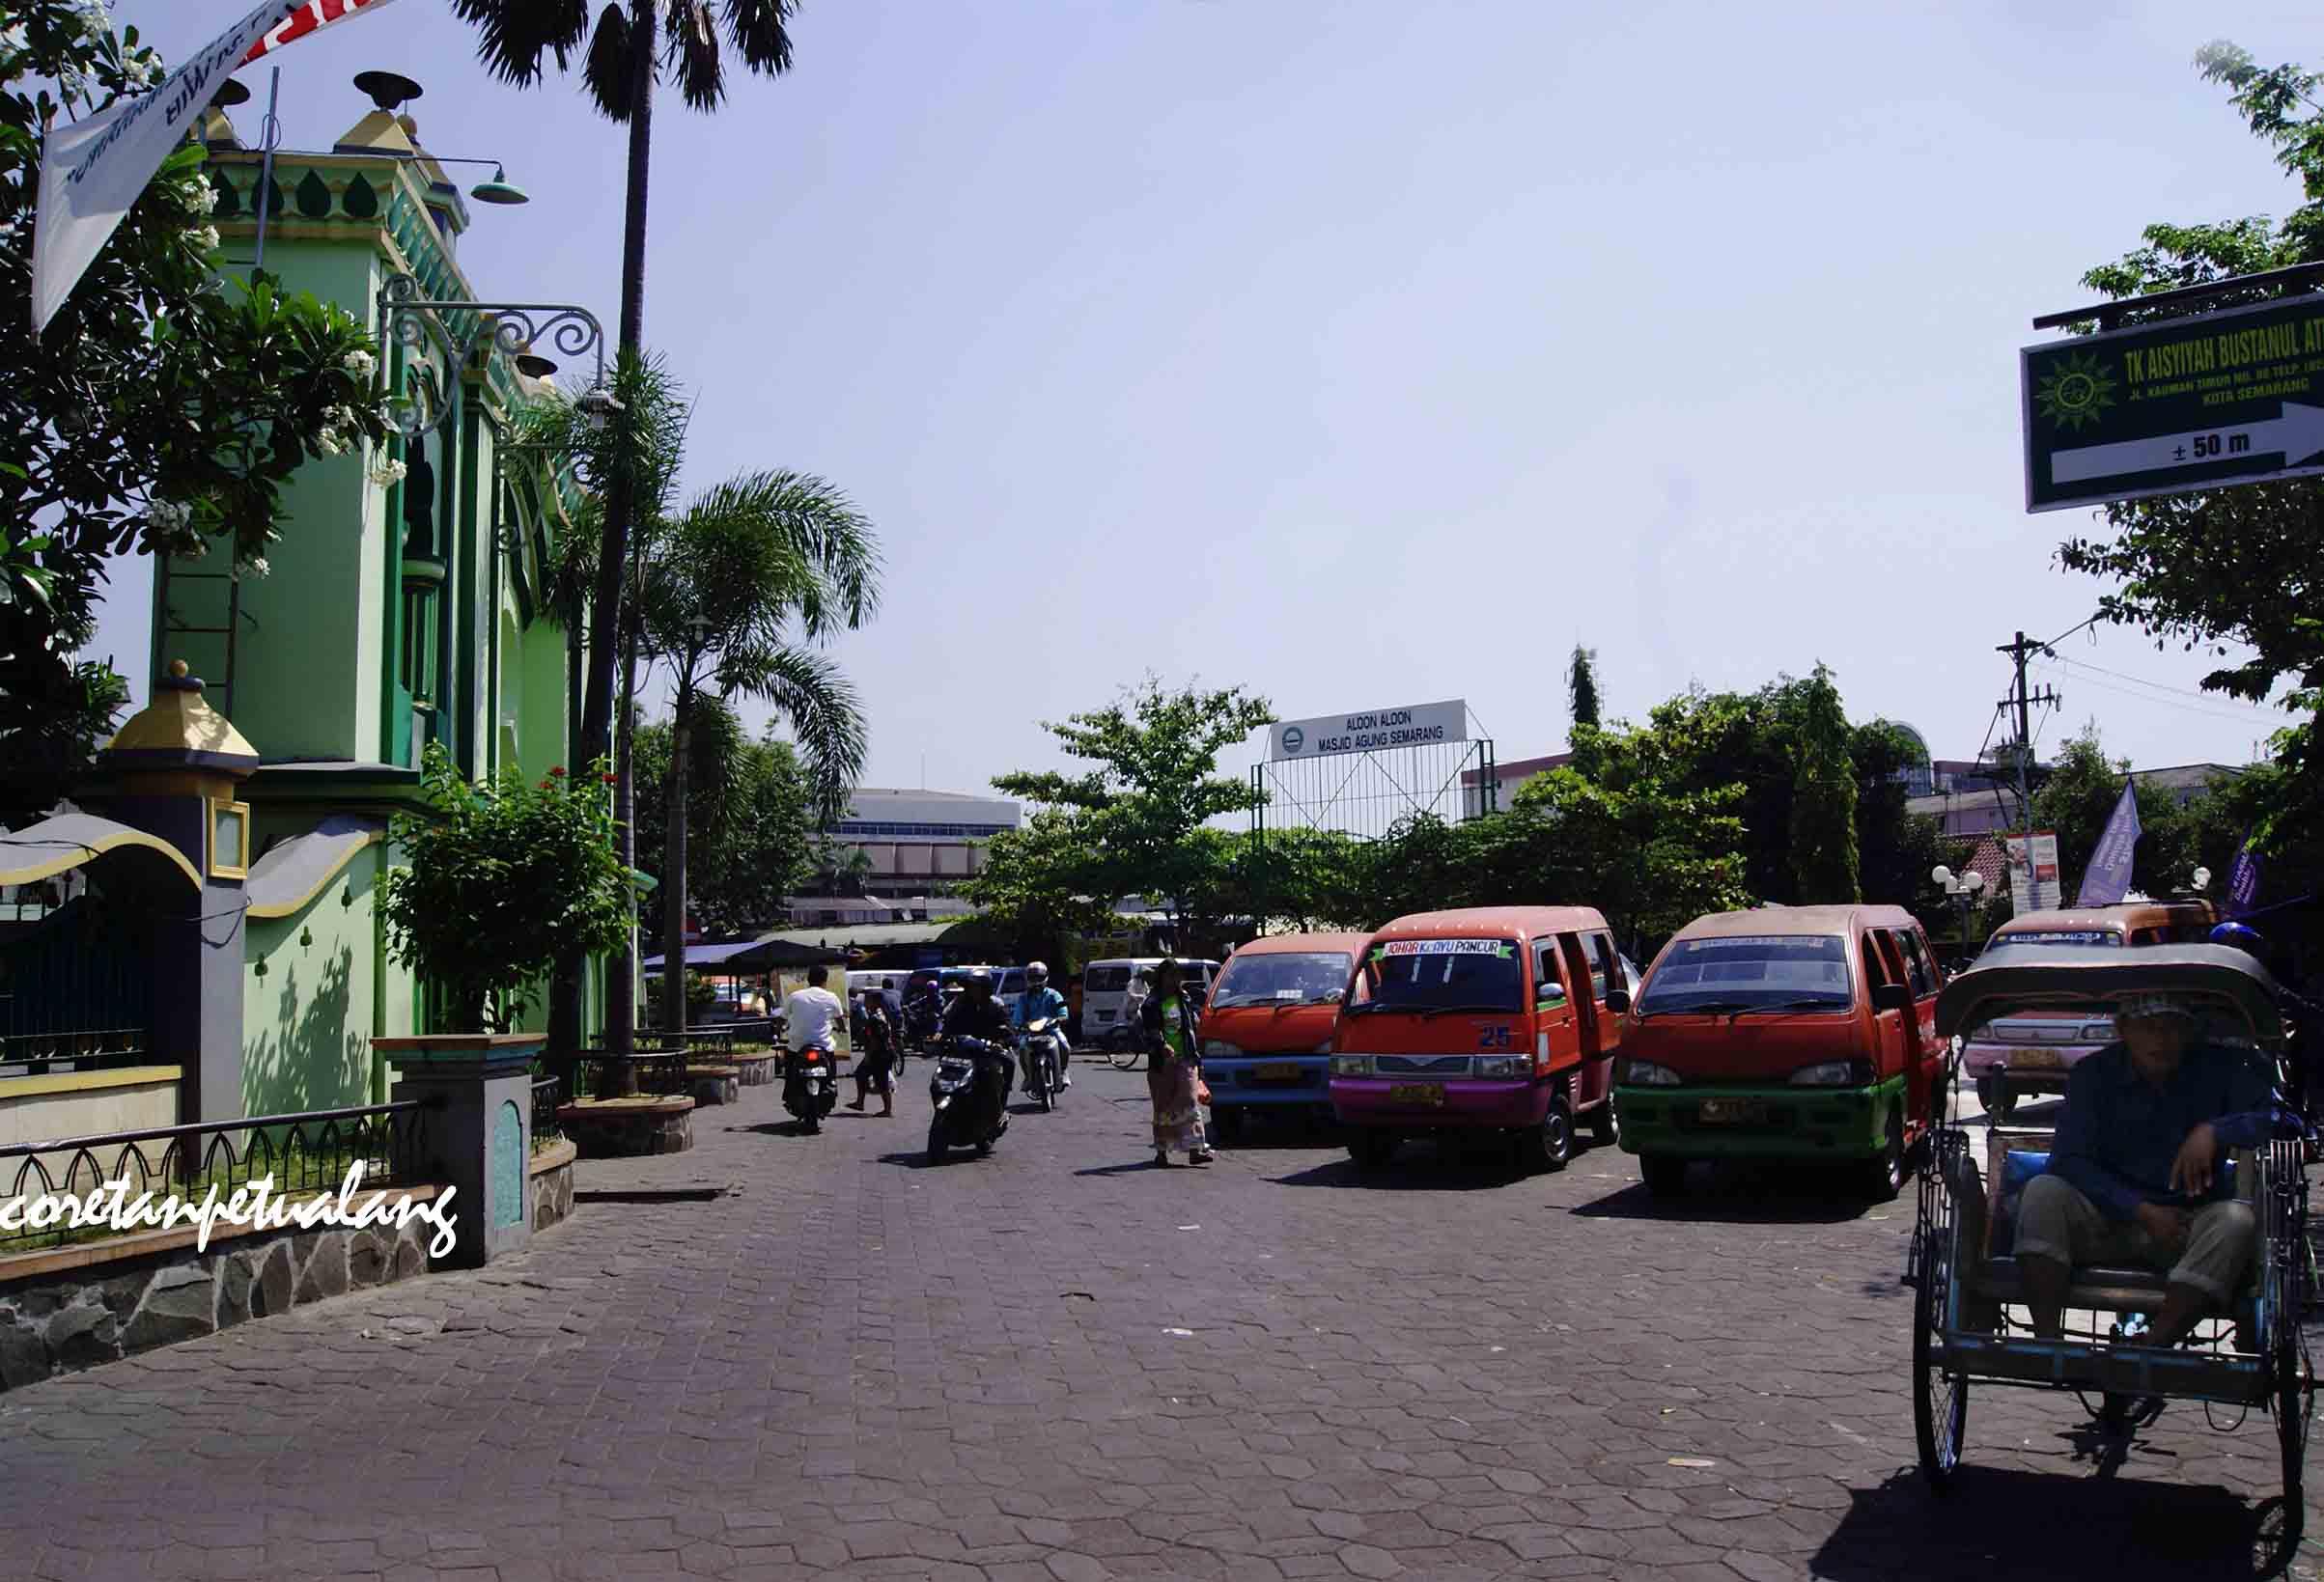 Sejarah Kota Semarang Achmad Muzakky Dityana Masjid Agung Kauman Setelah